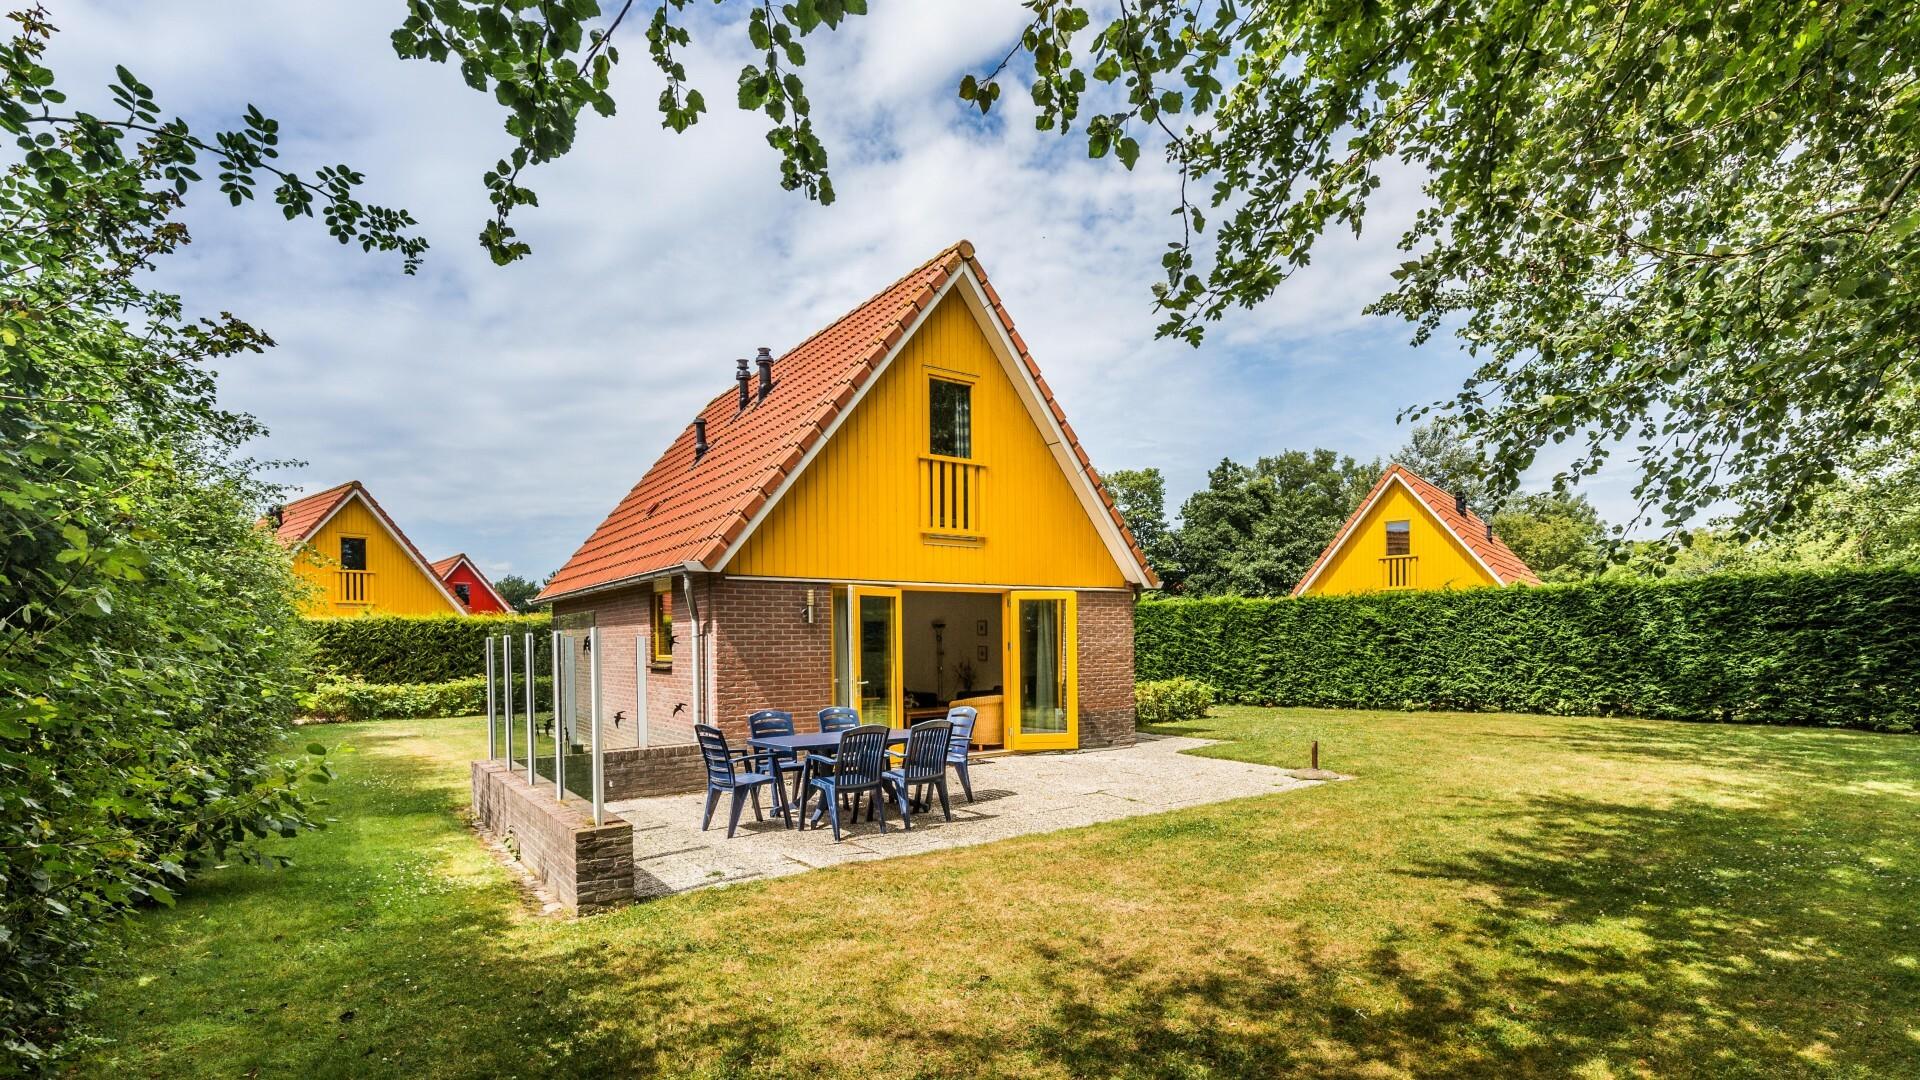 Vakantiehuis Watersnip type 2 nr 29 op Bungalowpark Prins Hendrik VVV Texel